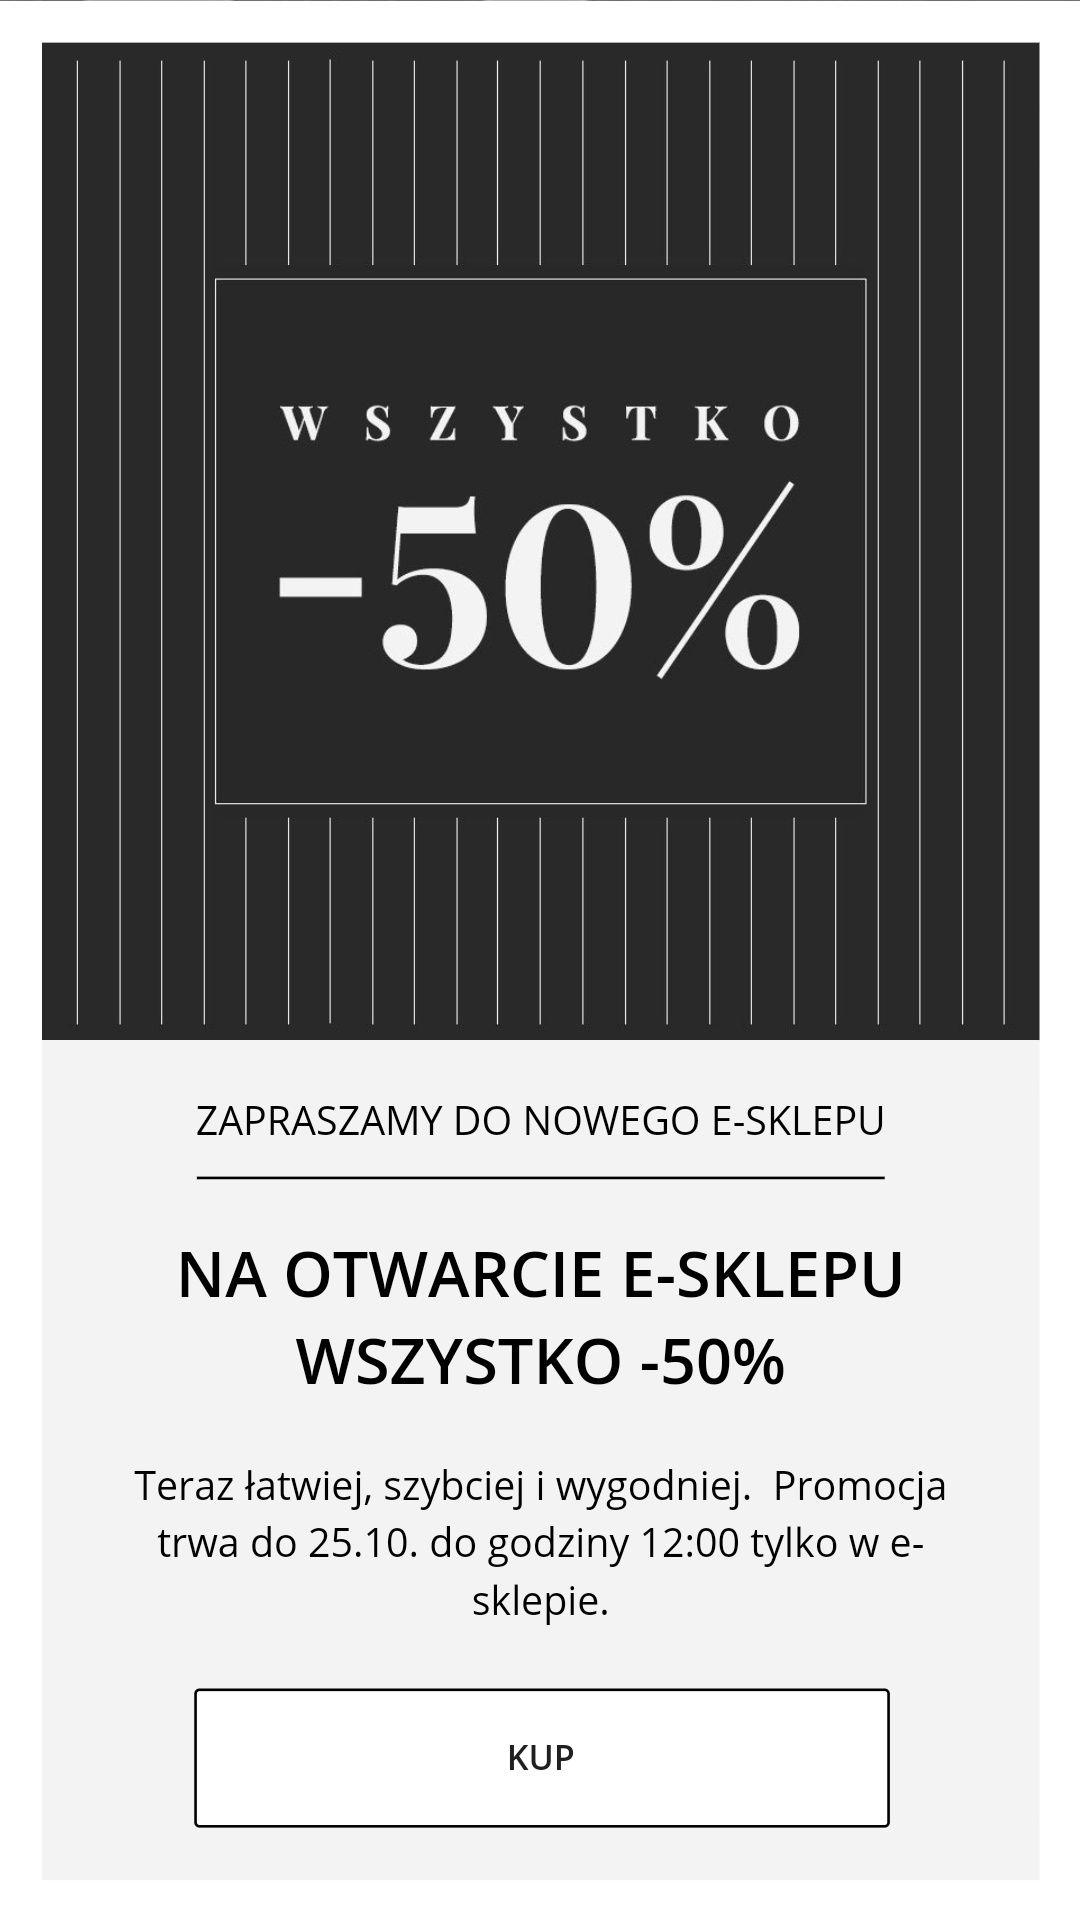 BYTOM na otwarcie e-sklepu wszystko -50%